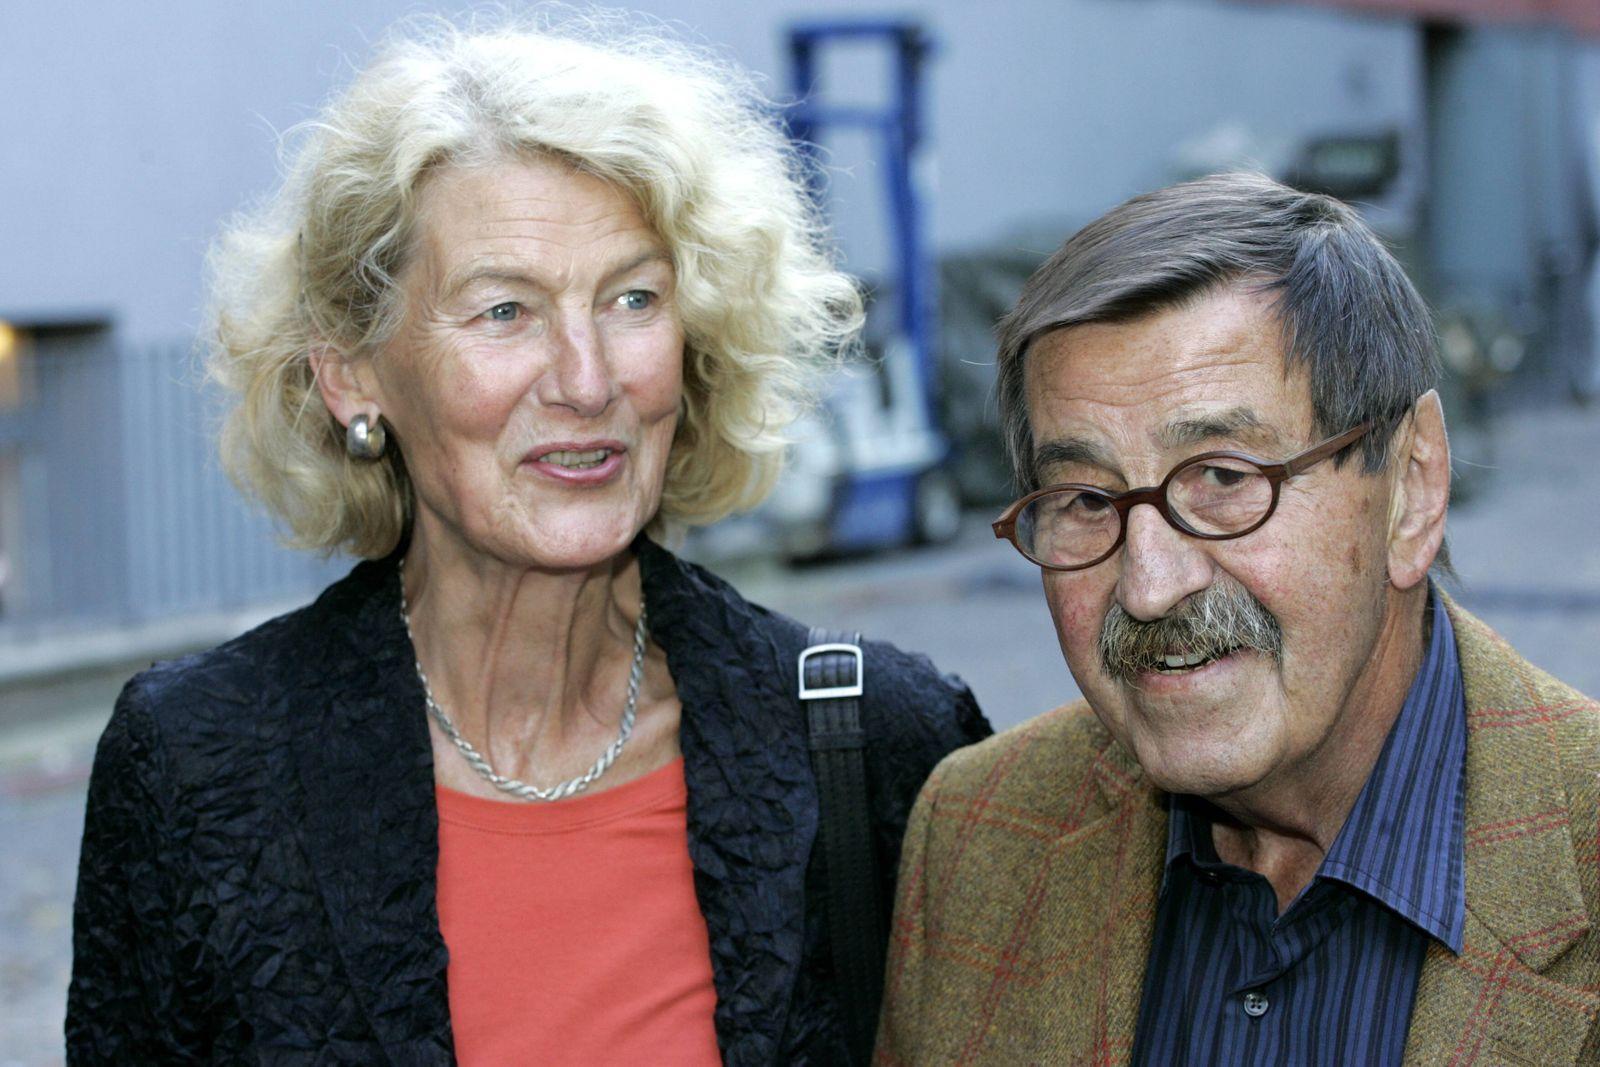 Schriftsteller Günter Grass mit Ehefrau Ute beide GER anlässlich der Vorstellung seines Buches B